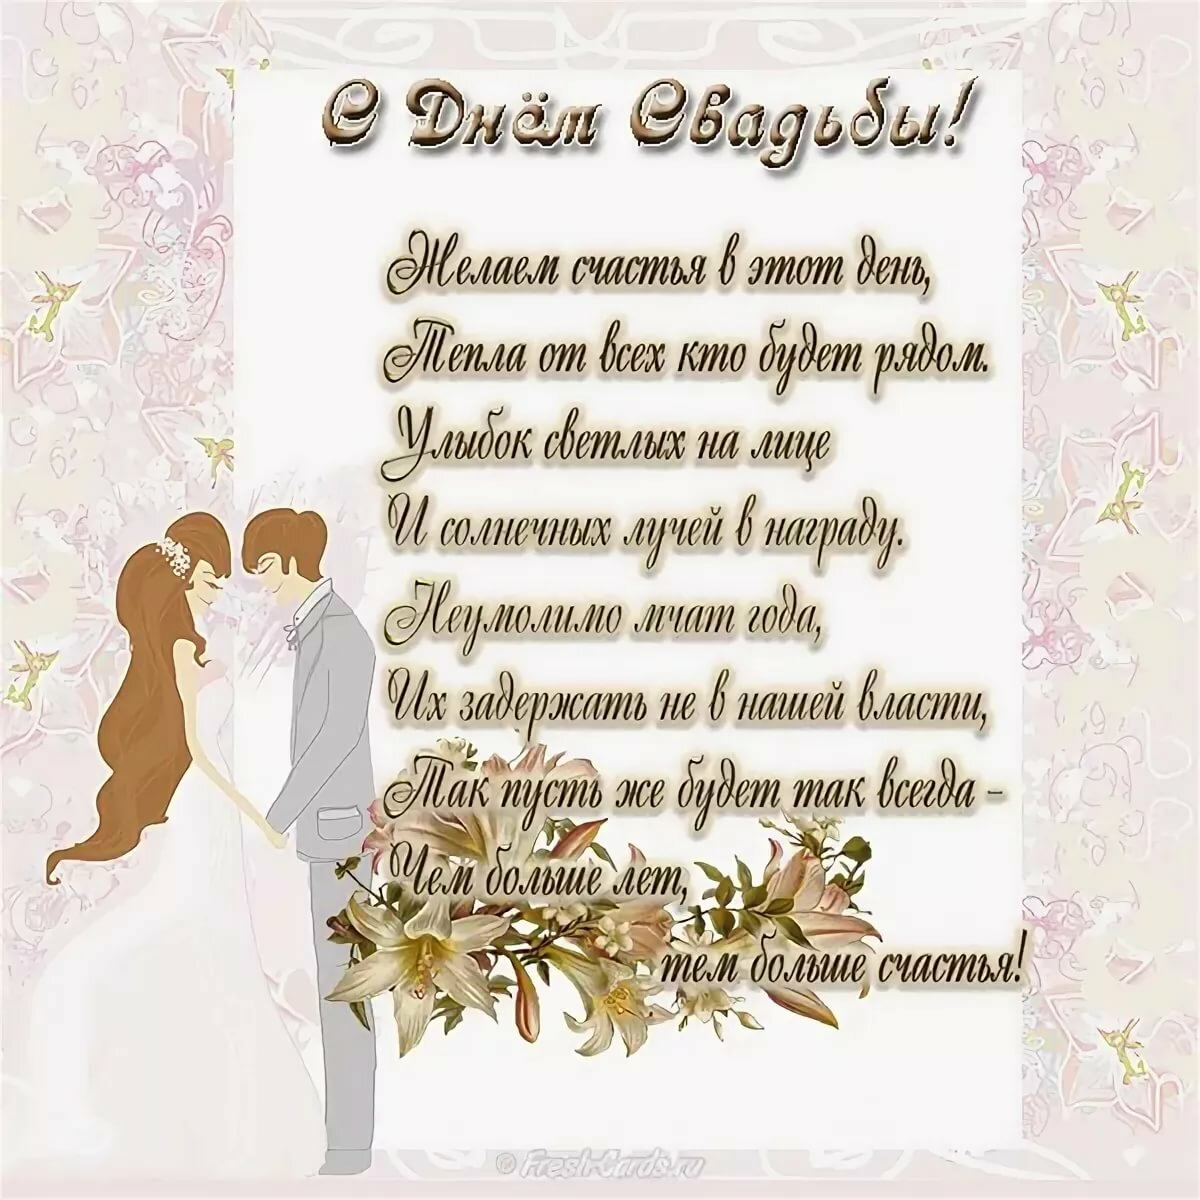 Поздравление с днем свадьбы прозой трогательные